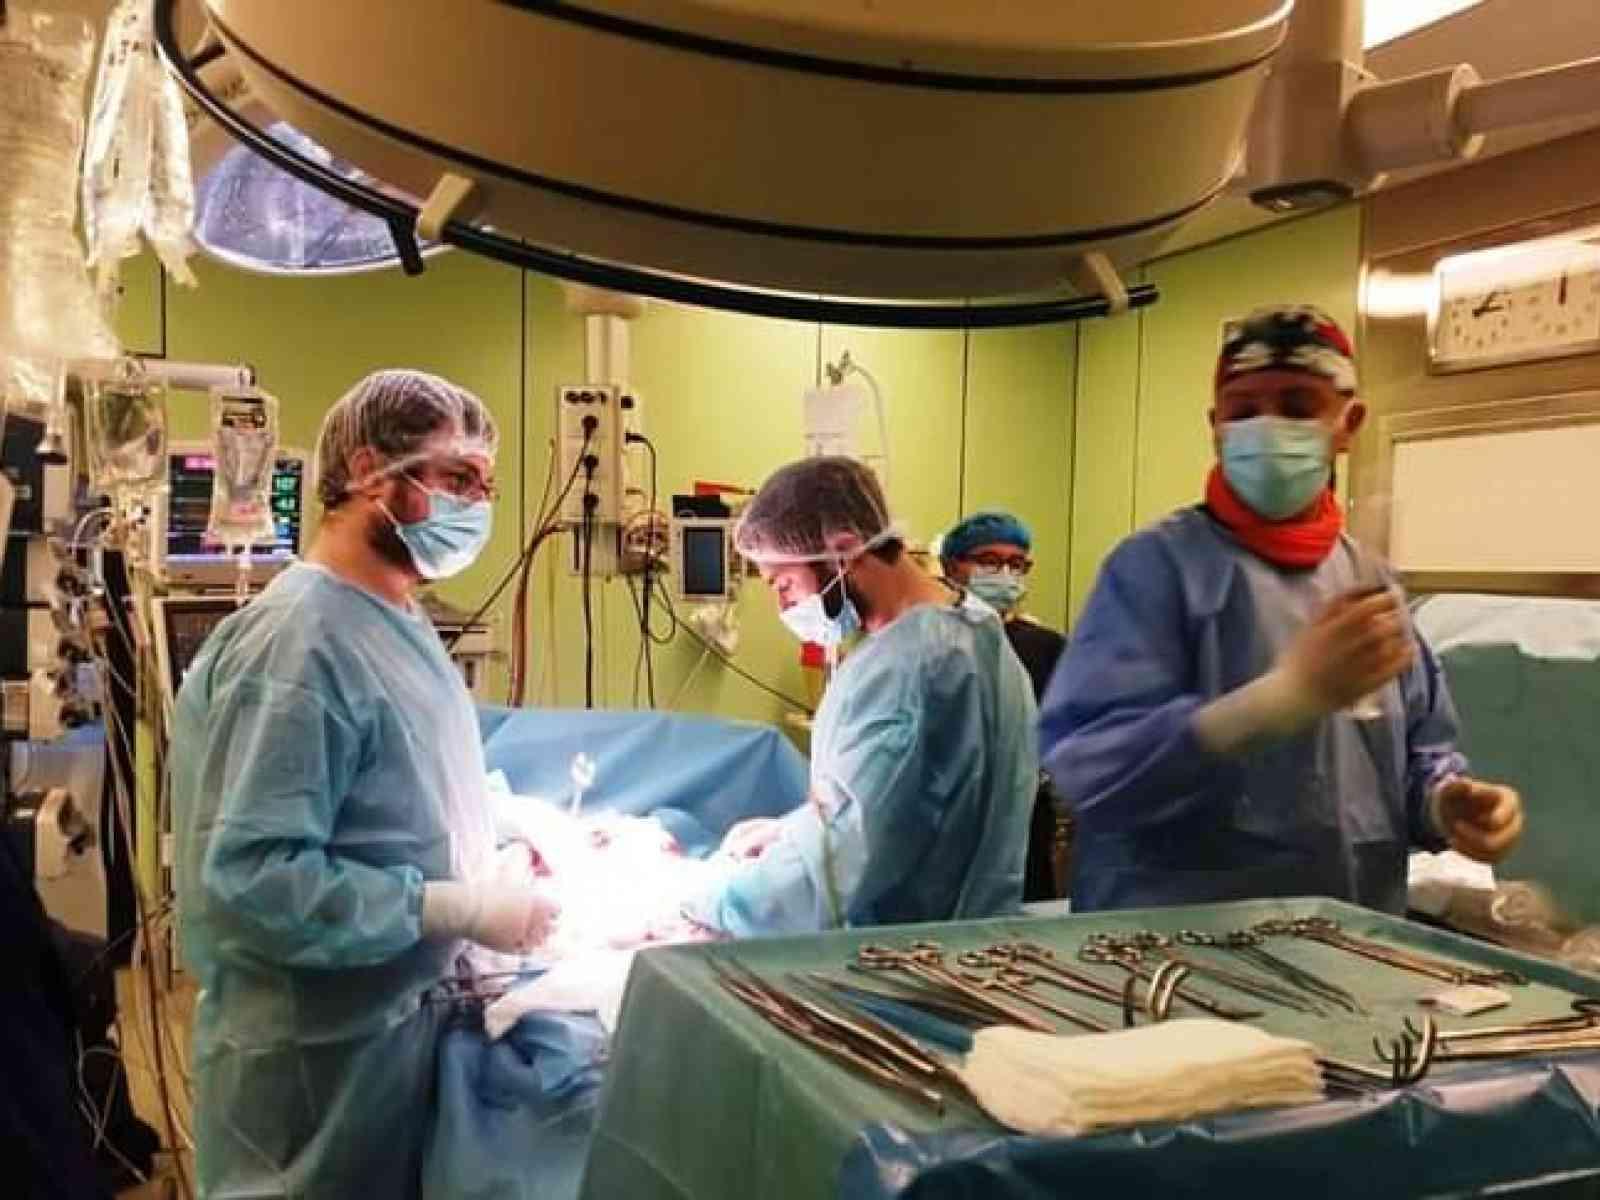 Immagine articolo: Ospedale di Agrigento, eseguito prelievo multi organo ad un paziente deceduto per emorragia cerebrale.